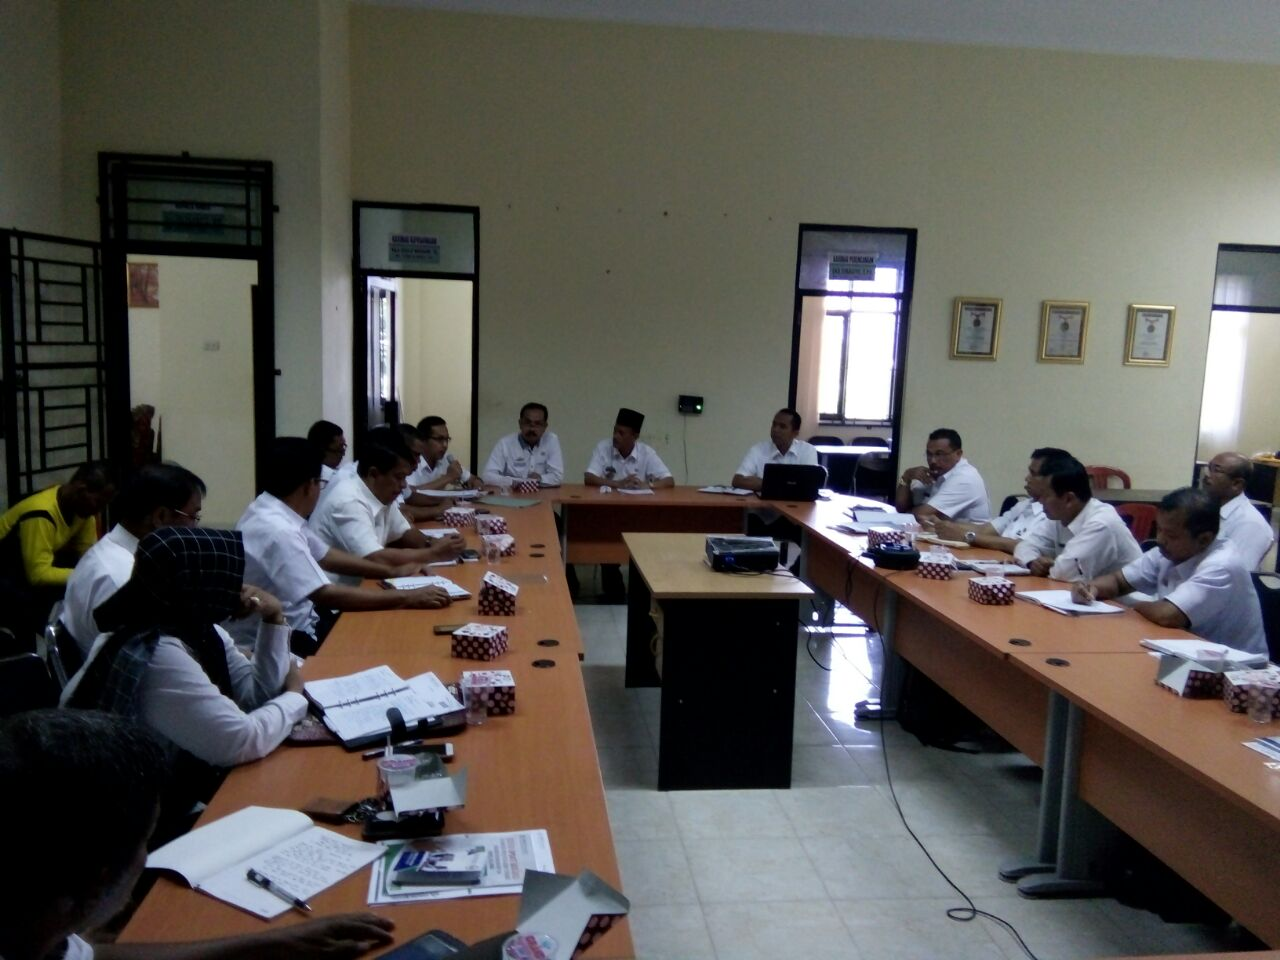 Siswa SMP/MTS Wilayah Pringsewu Ikuti Ujian UNBK/UNKP Pada 23-26 April Mendatang